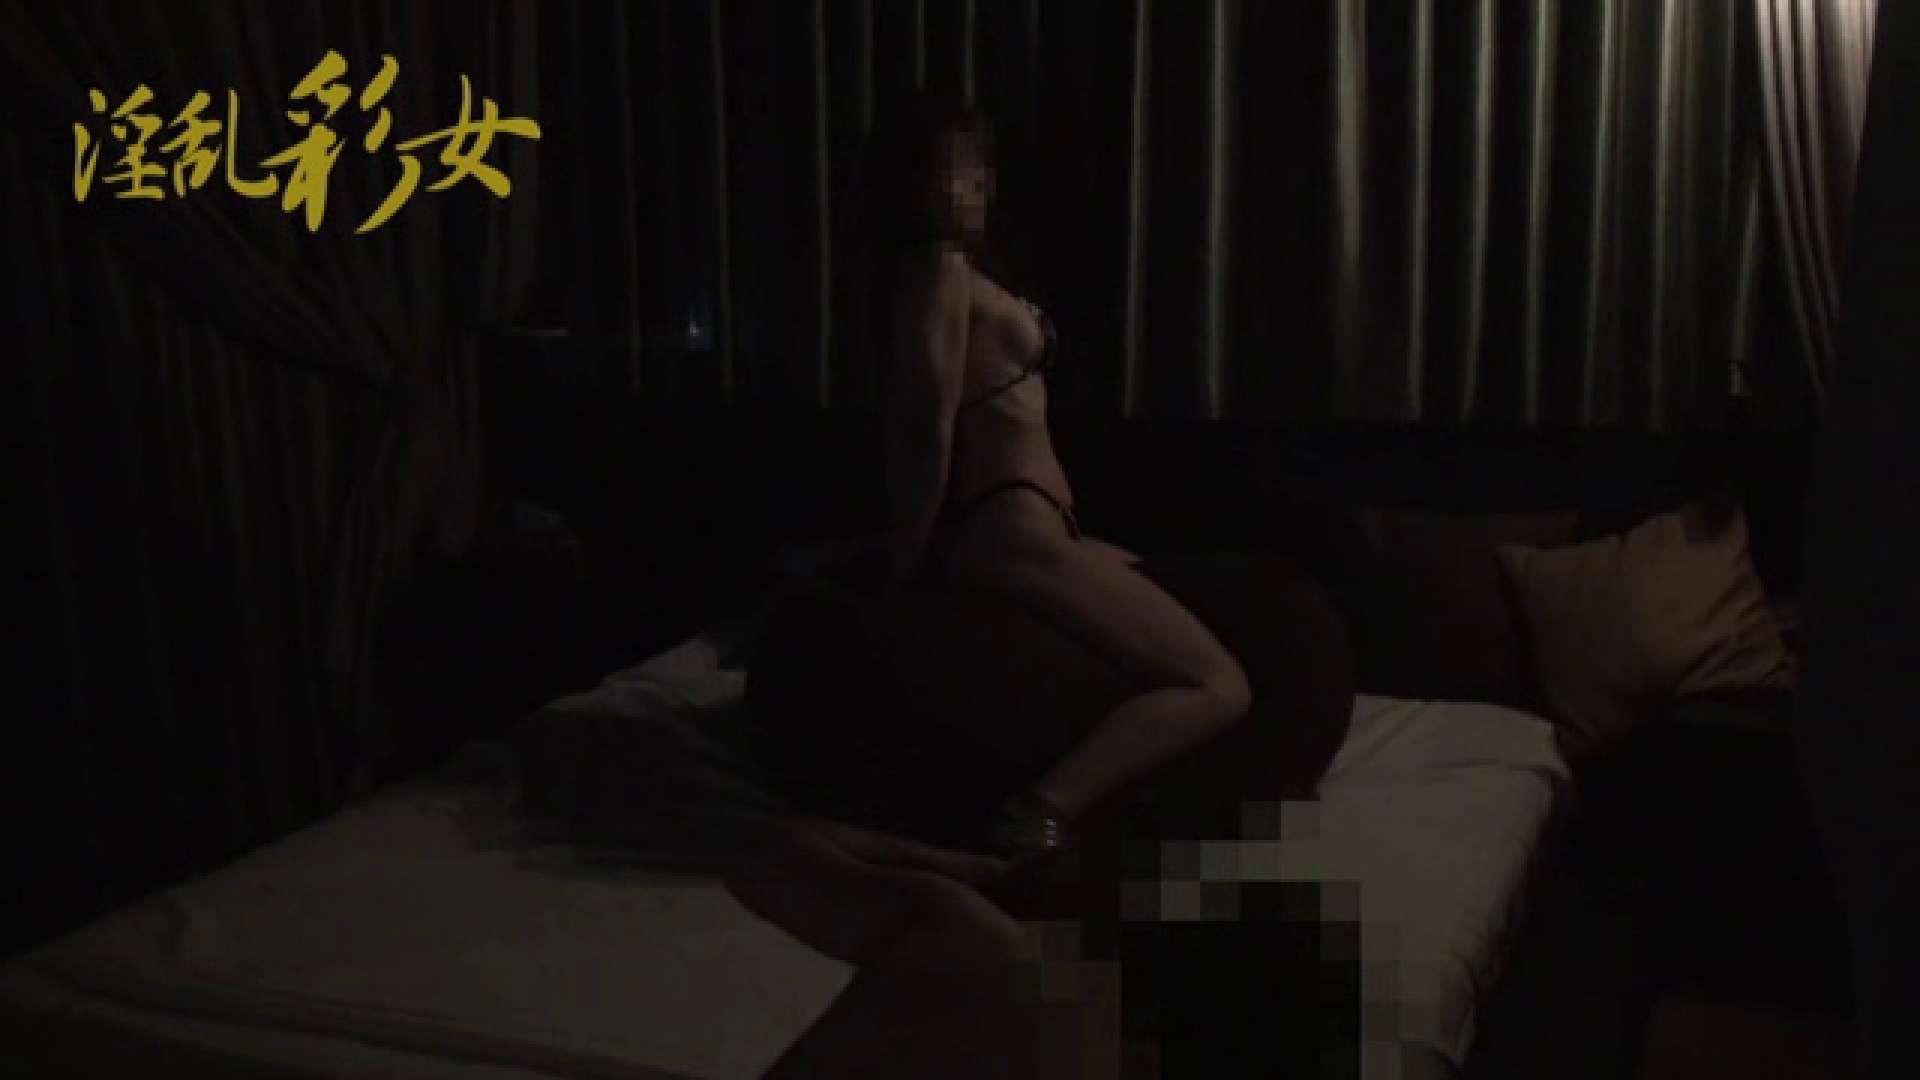 淫乱彩女麻優里 36歳単独さん フェラ 覗きおまんこ画像 87PIX 2